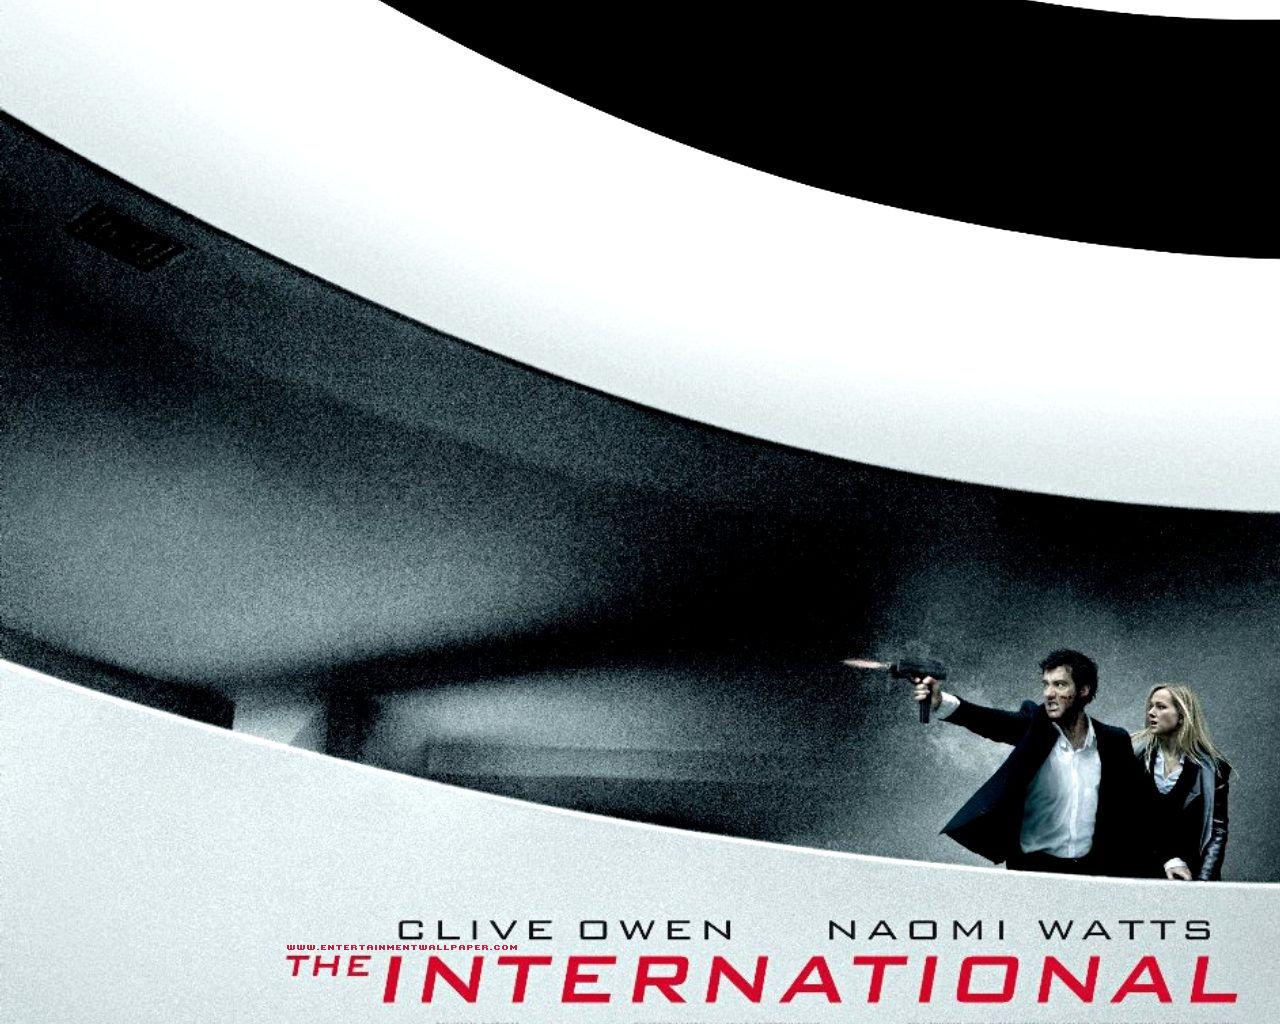 http://1.bp.blogspot.com/-hyJTQTaZPhc/UKsSPqzdKRI/AAAAAAAAHWE/IMH0hRbQgfs/s1600/The-International-movie-spoiler-poster.jpg